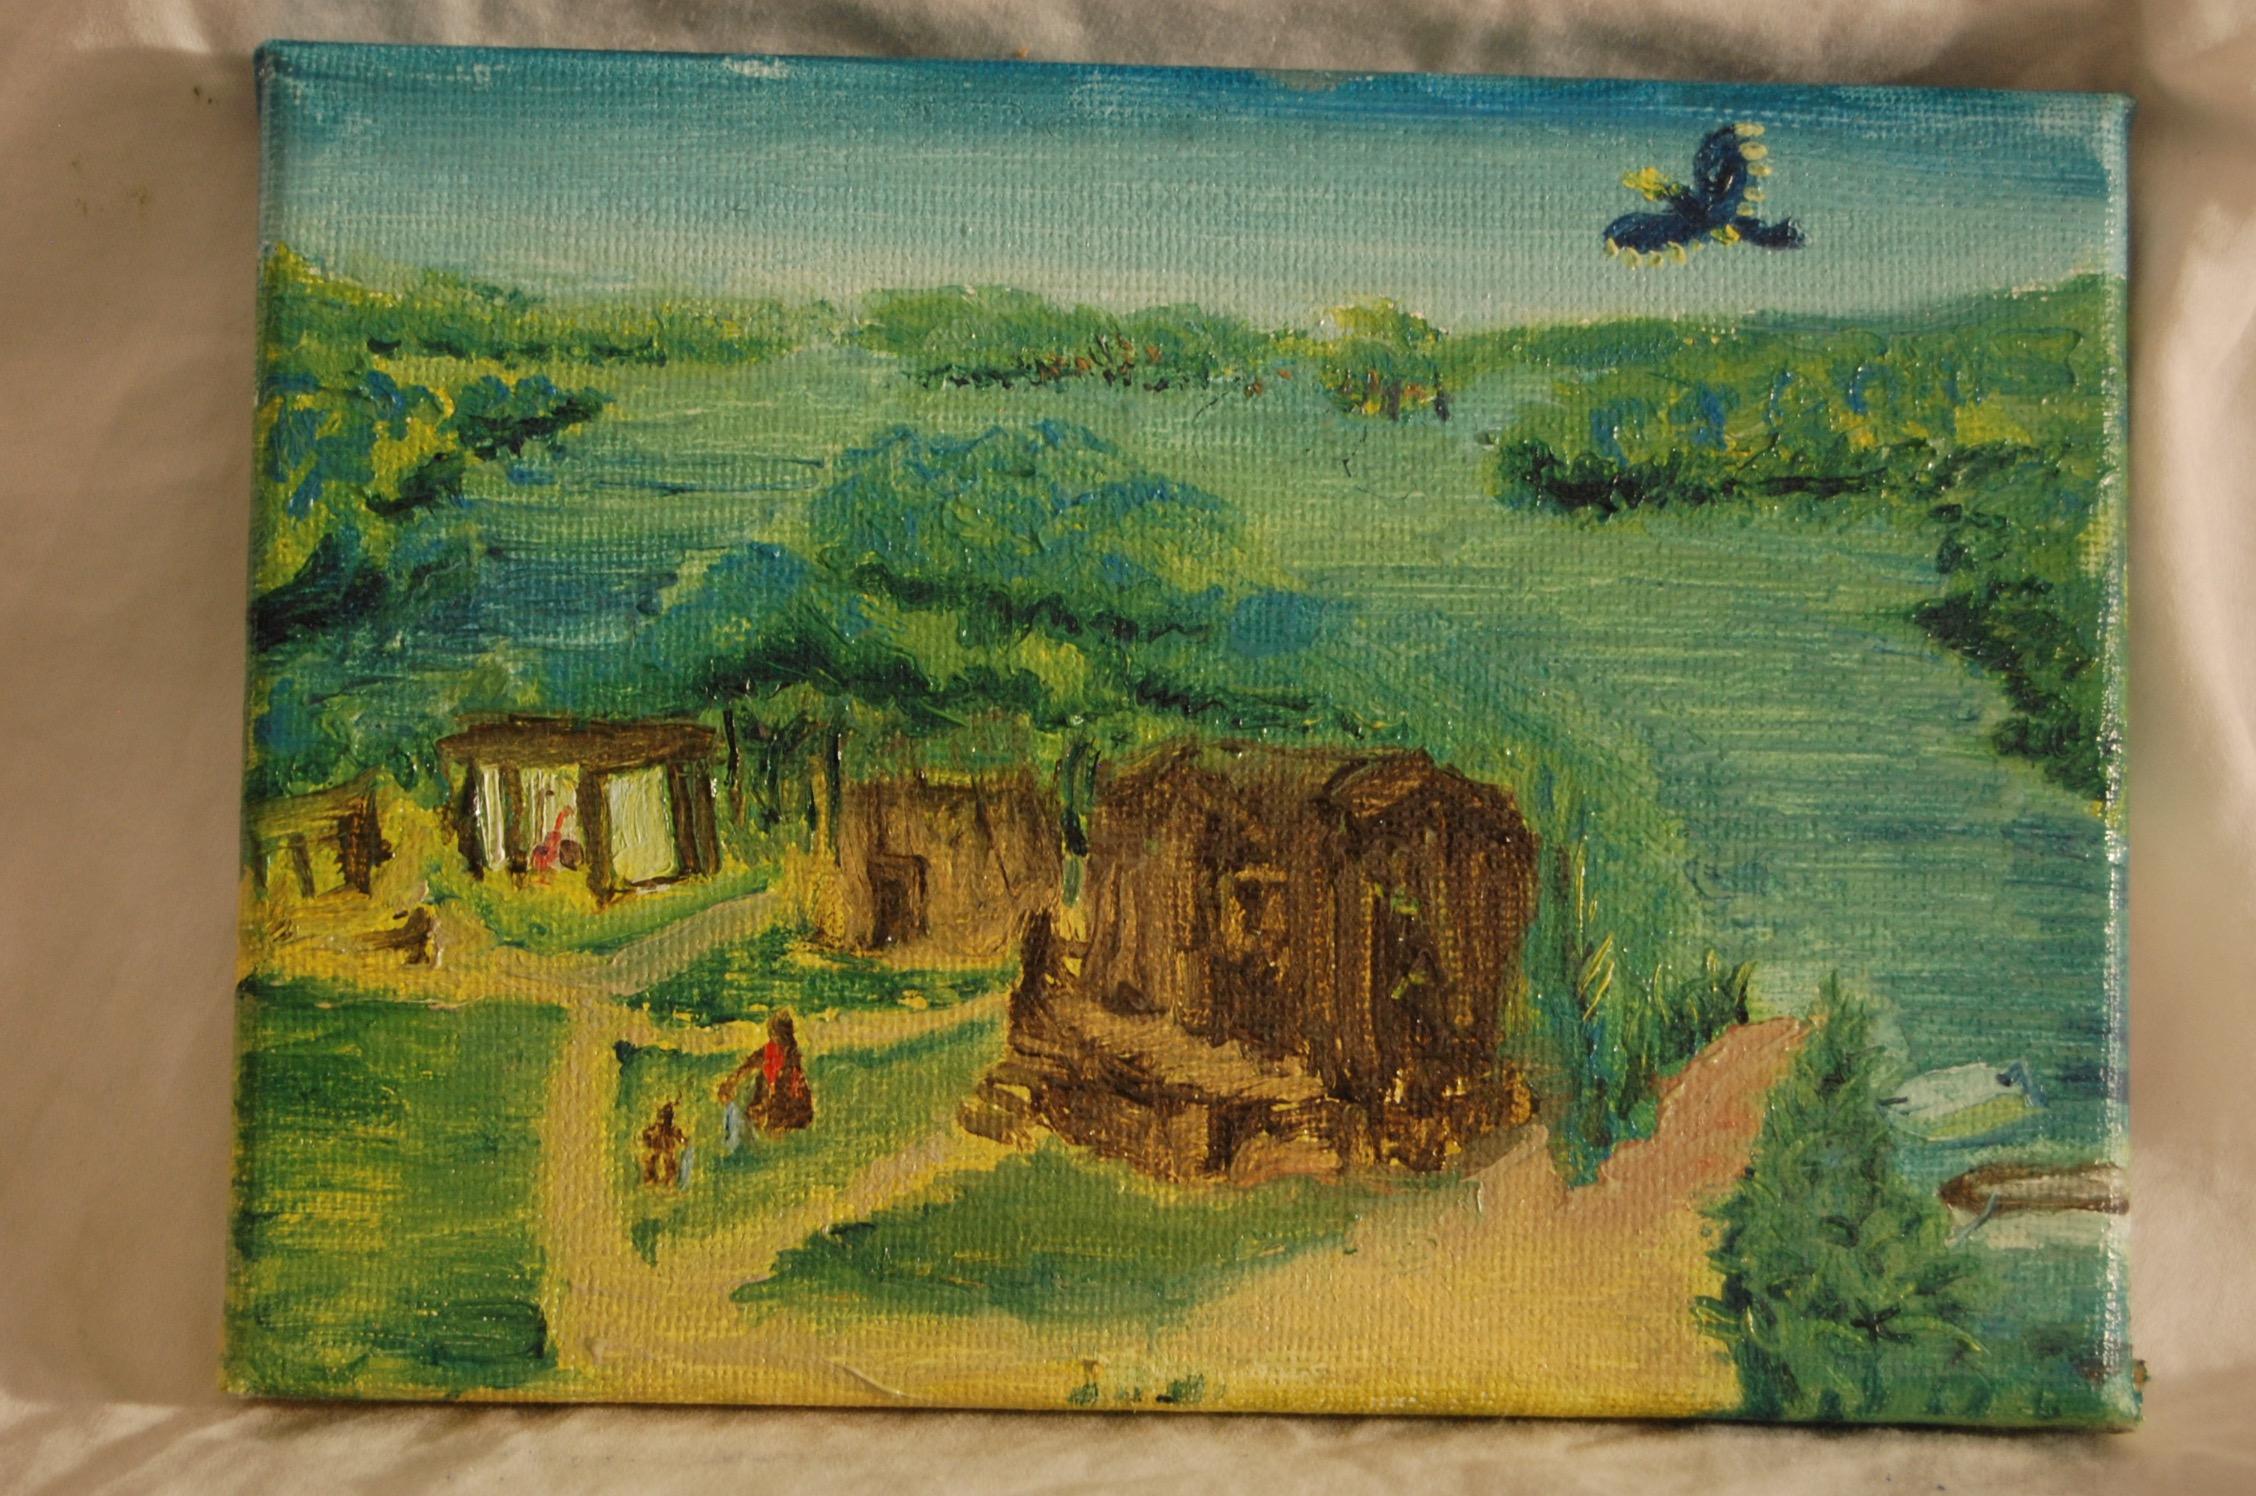 Malaysia - Machete Kid  Oil on Canvas  4 x 6